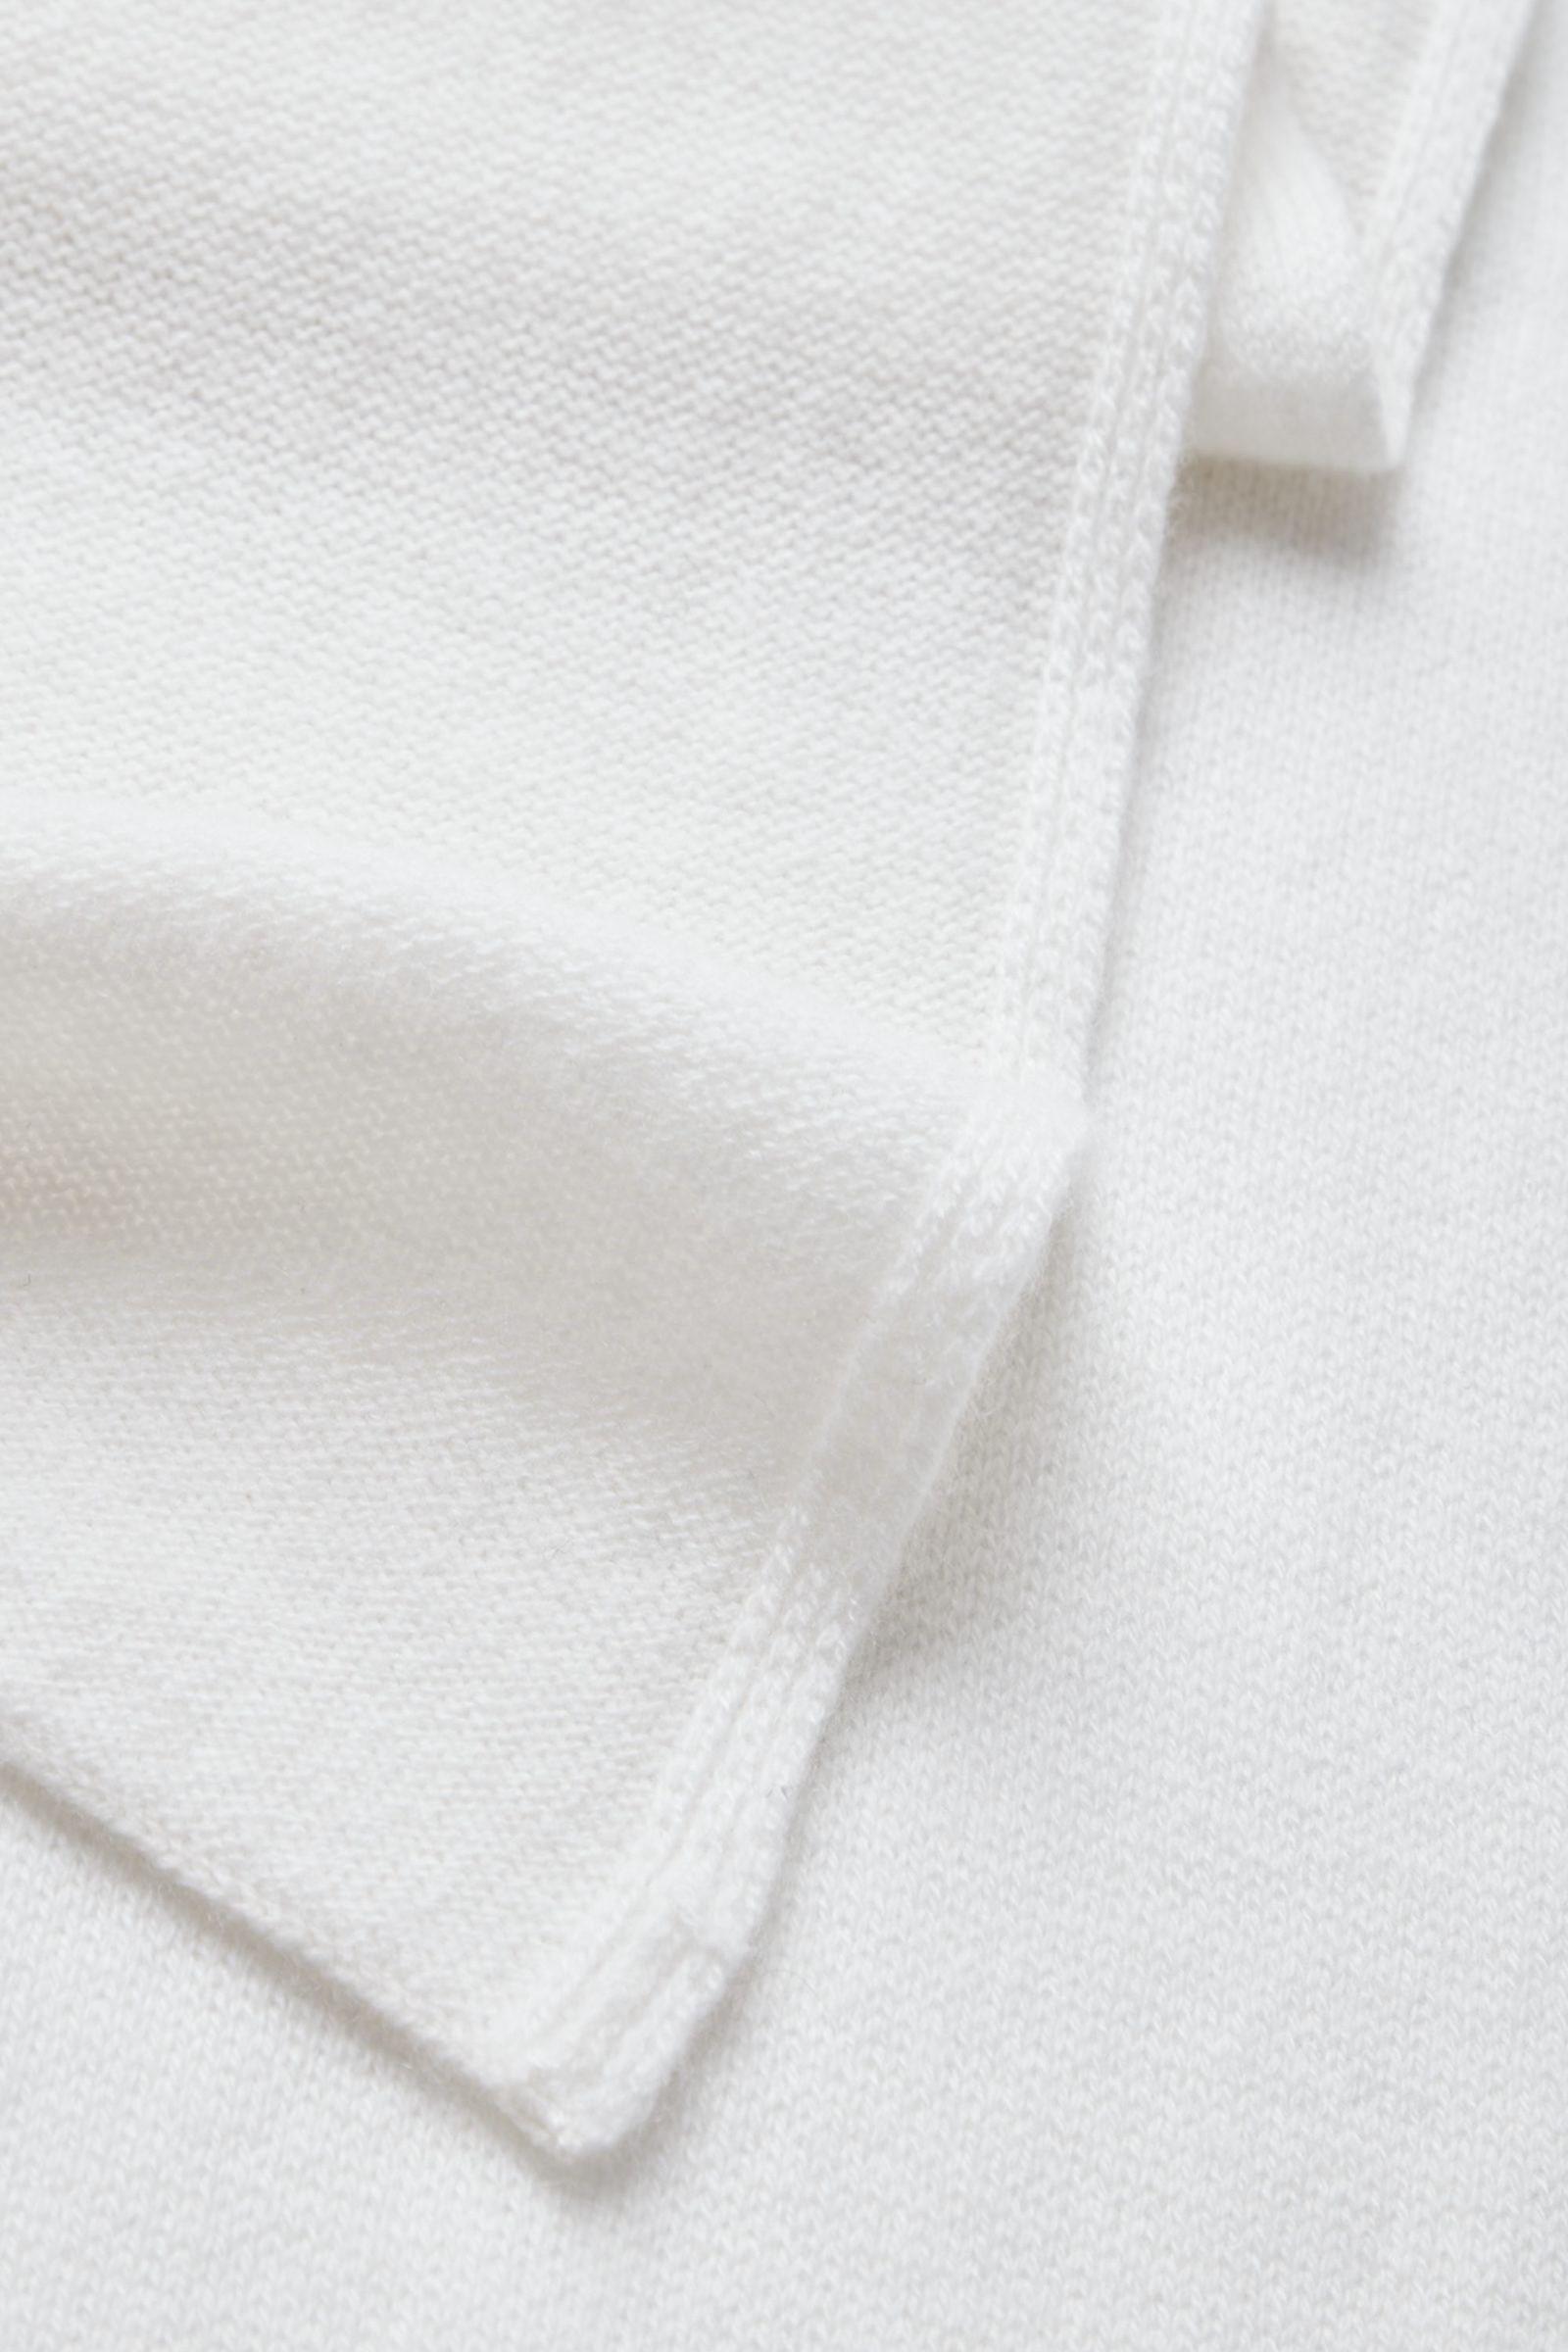 COS 니티드 캐시미어 스카프의 화이트컬러 Detail입니다.